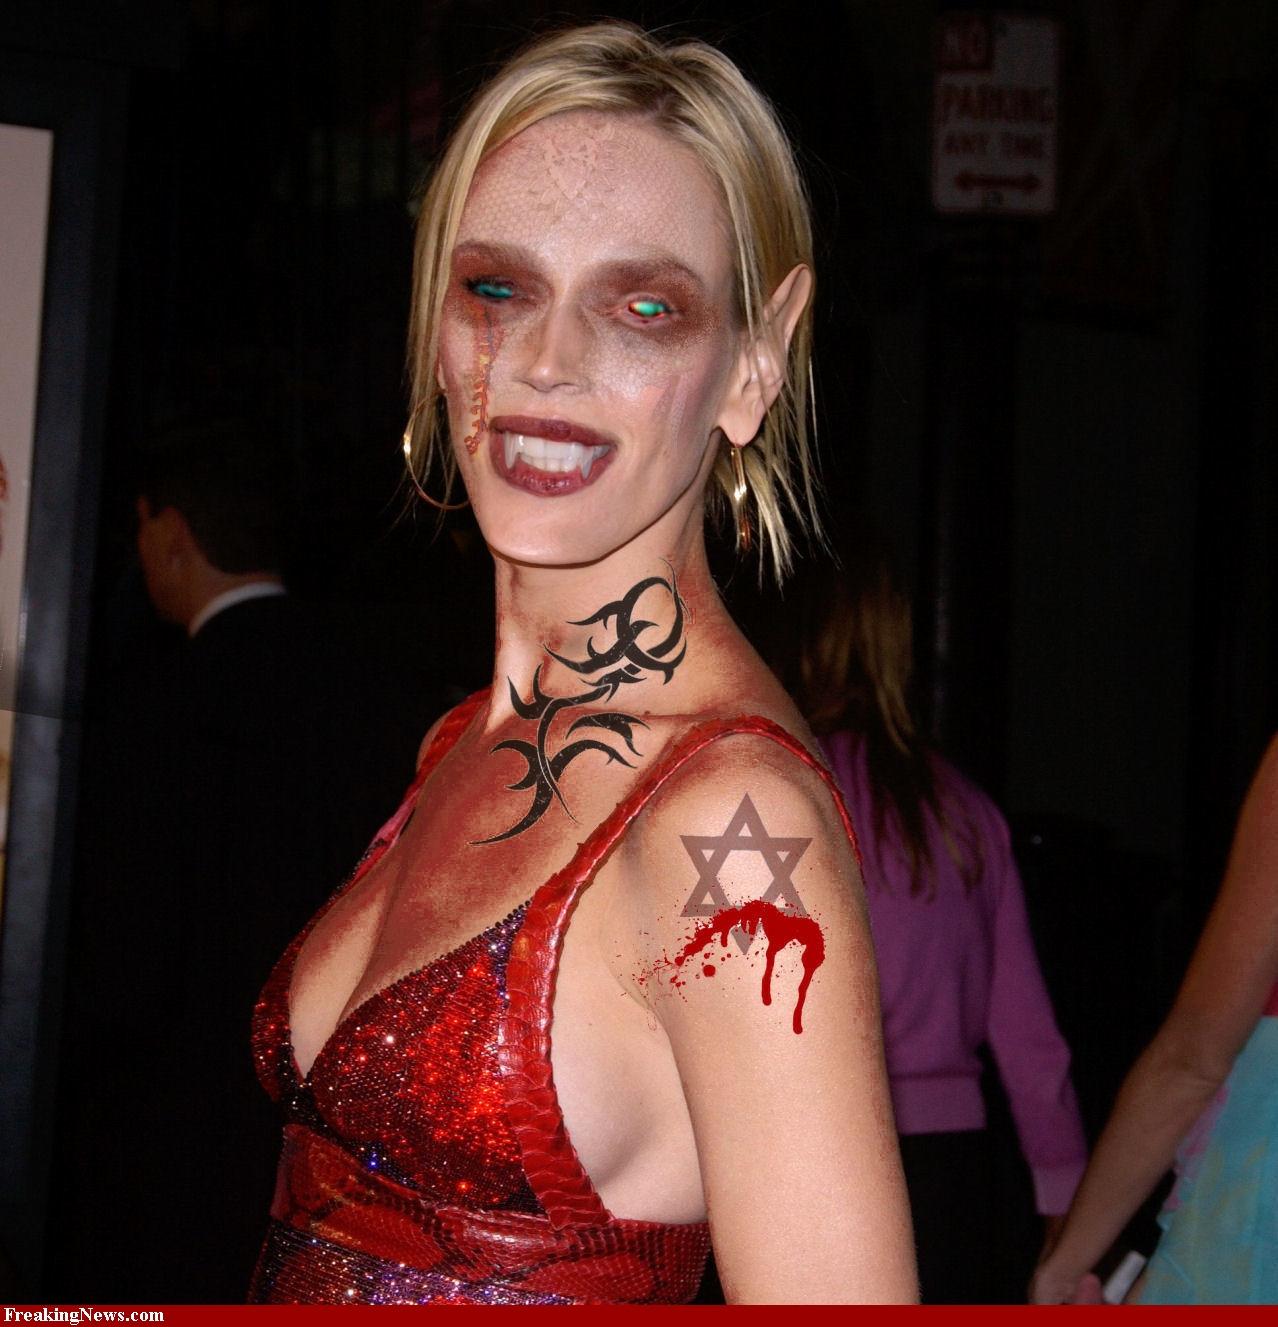 http://3.bp.blogspot.com/-i_h2uuJLZJg/Tw5ks1nGnyI/AAAAAAAACVo/0uSW6wEHwwE/s1600/Uma-Thurman-Halloween-33484.jpg